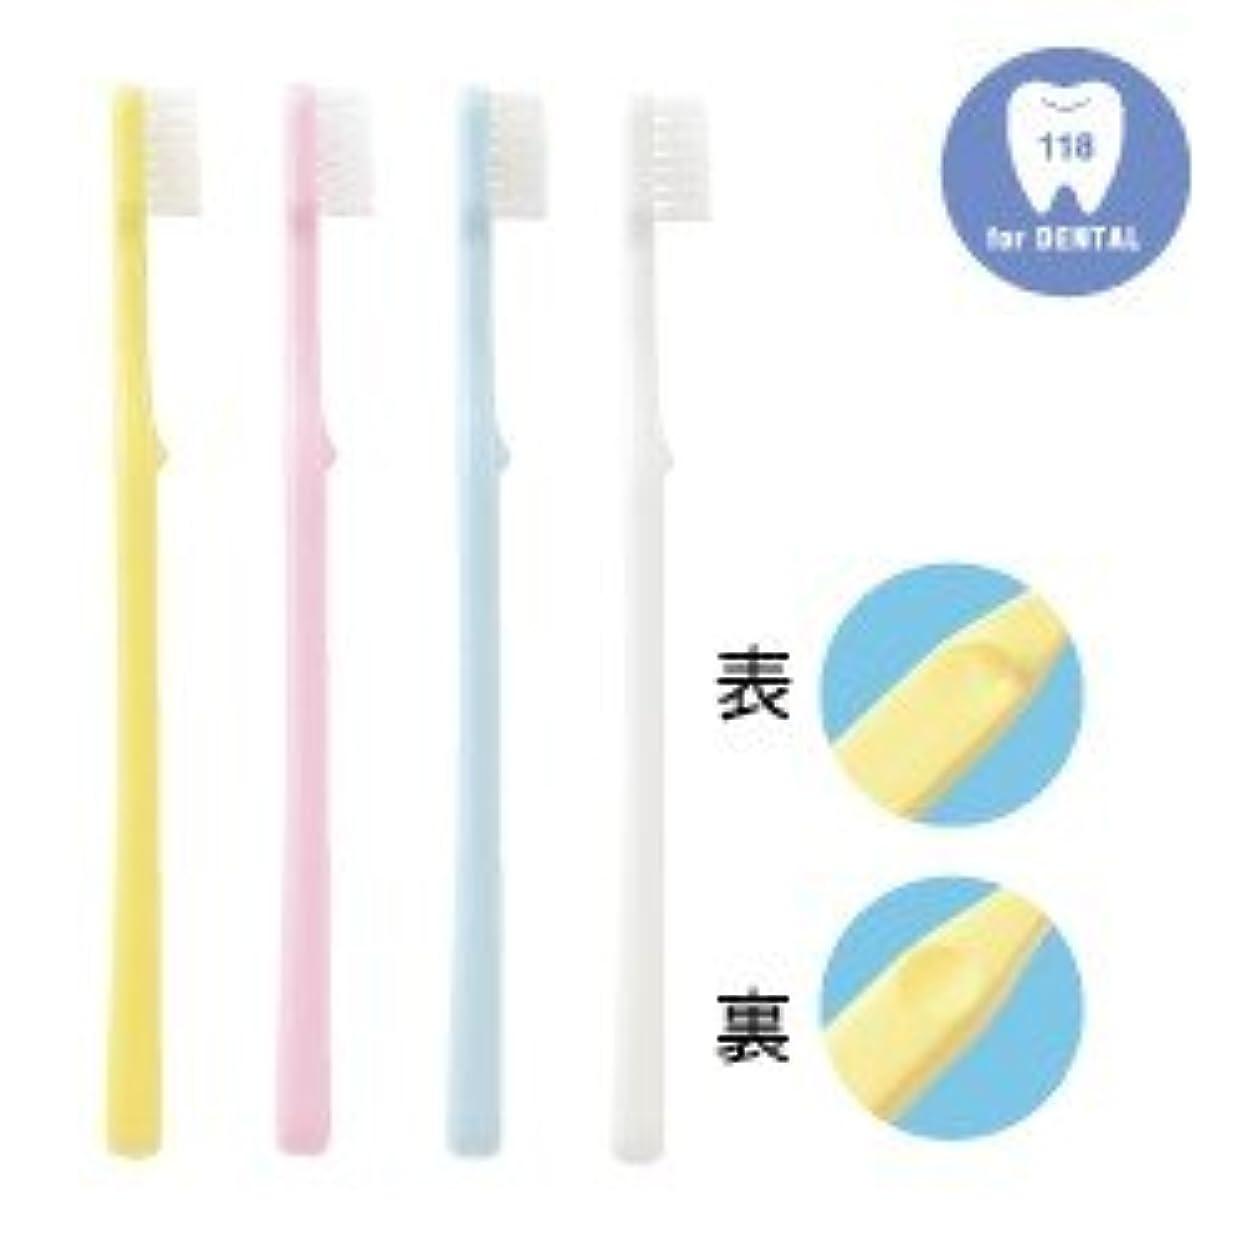 普遍的な世論調査先行する歯科専用歯ブラシ フォーカス 子供用 118シリーズ M(ふつう) 20本